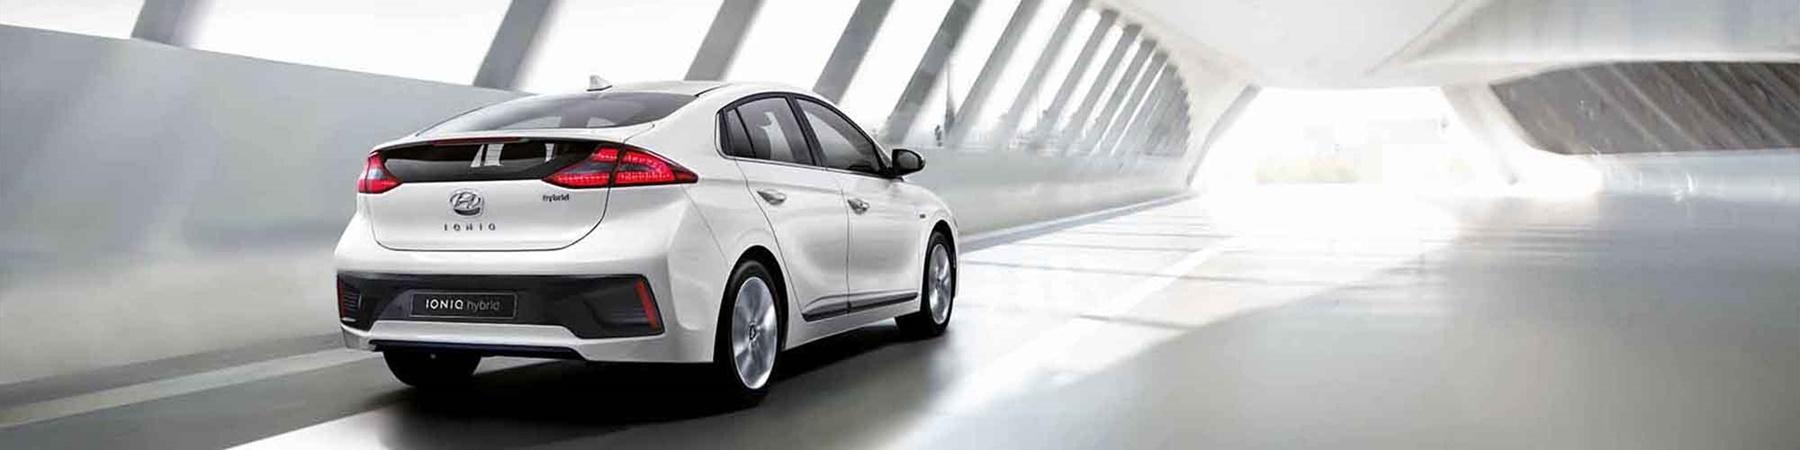 Hyundai IONIQ* 28kWh 196 km actieradius